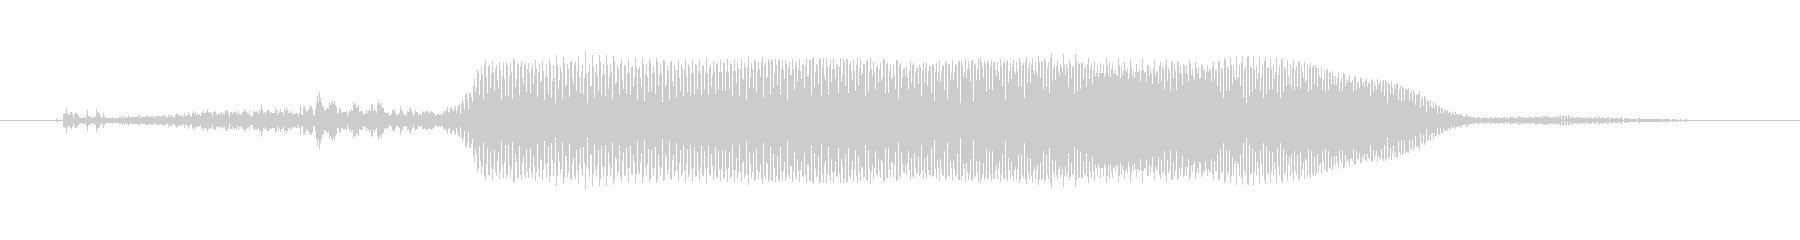 リトルレッドモンスター:Qの未再生の波形